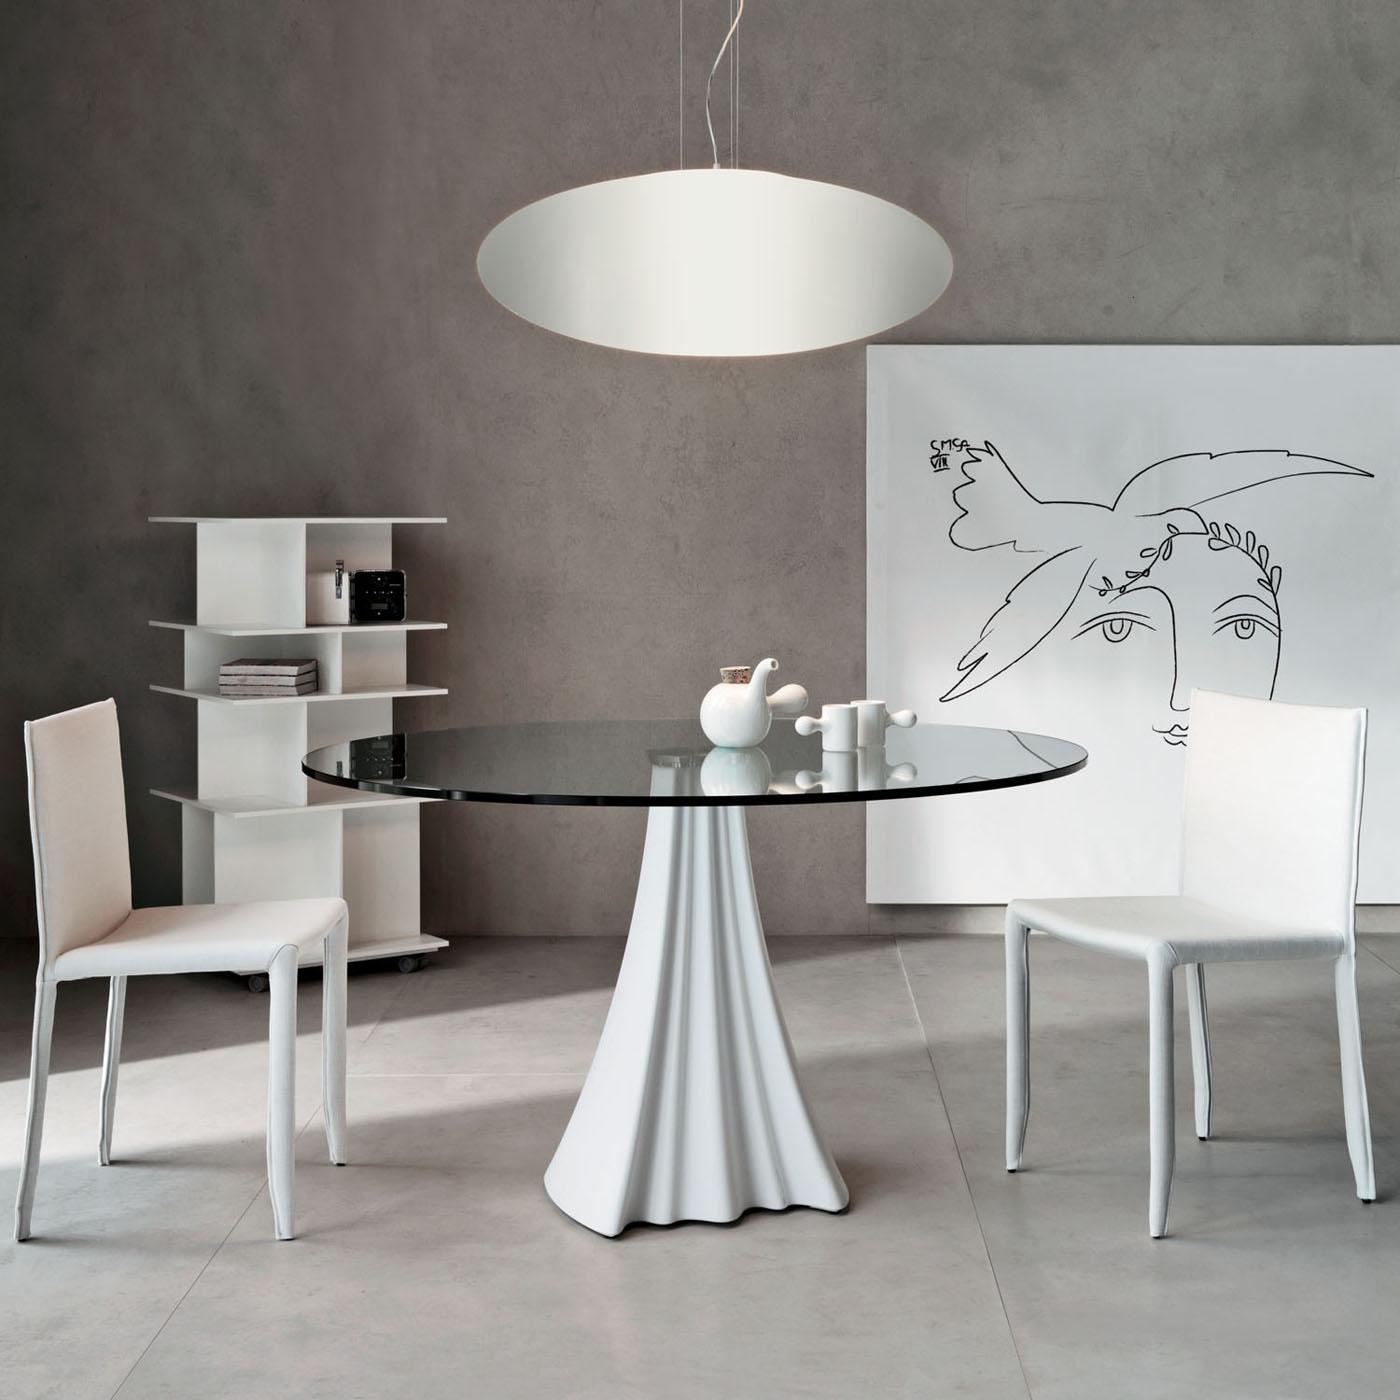 Mesas para comedores peque os - Comedores modernos para espacios pequenos ...